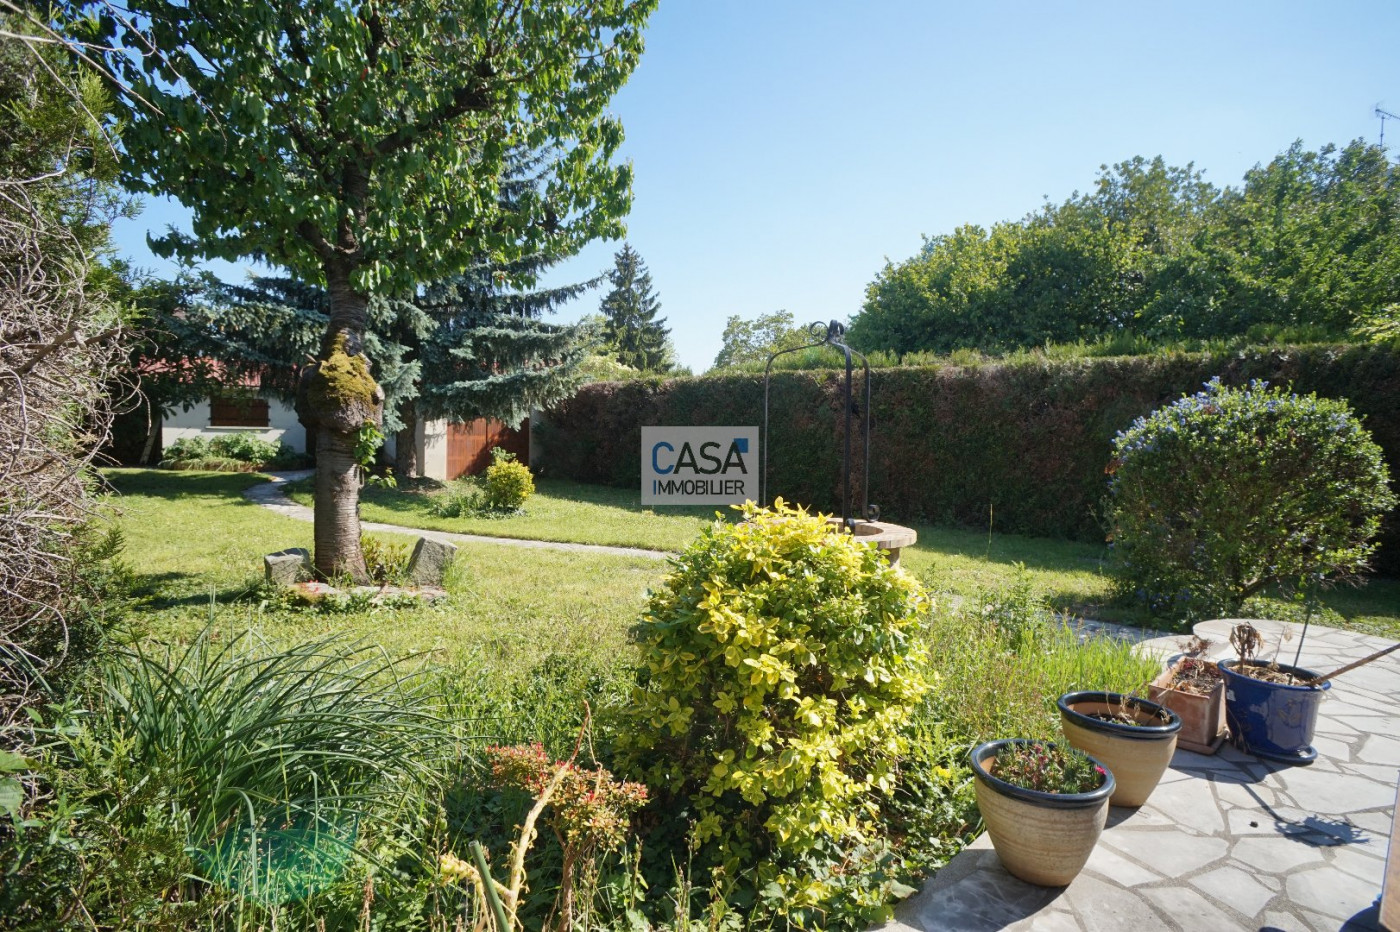 A vendre  Aulnay Sous Bois | Réf 93001904 - Casa immobilier